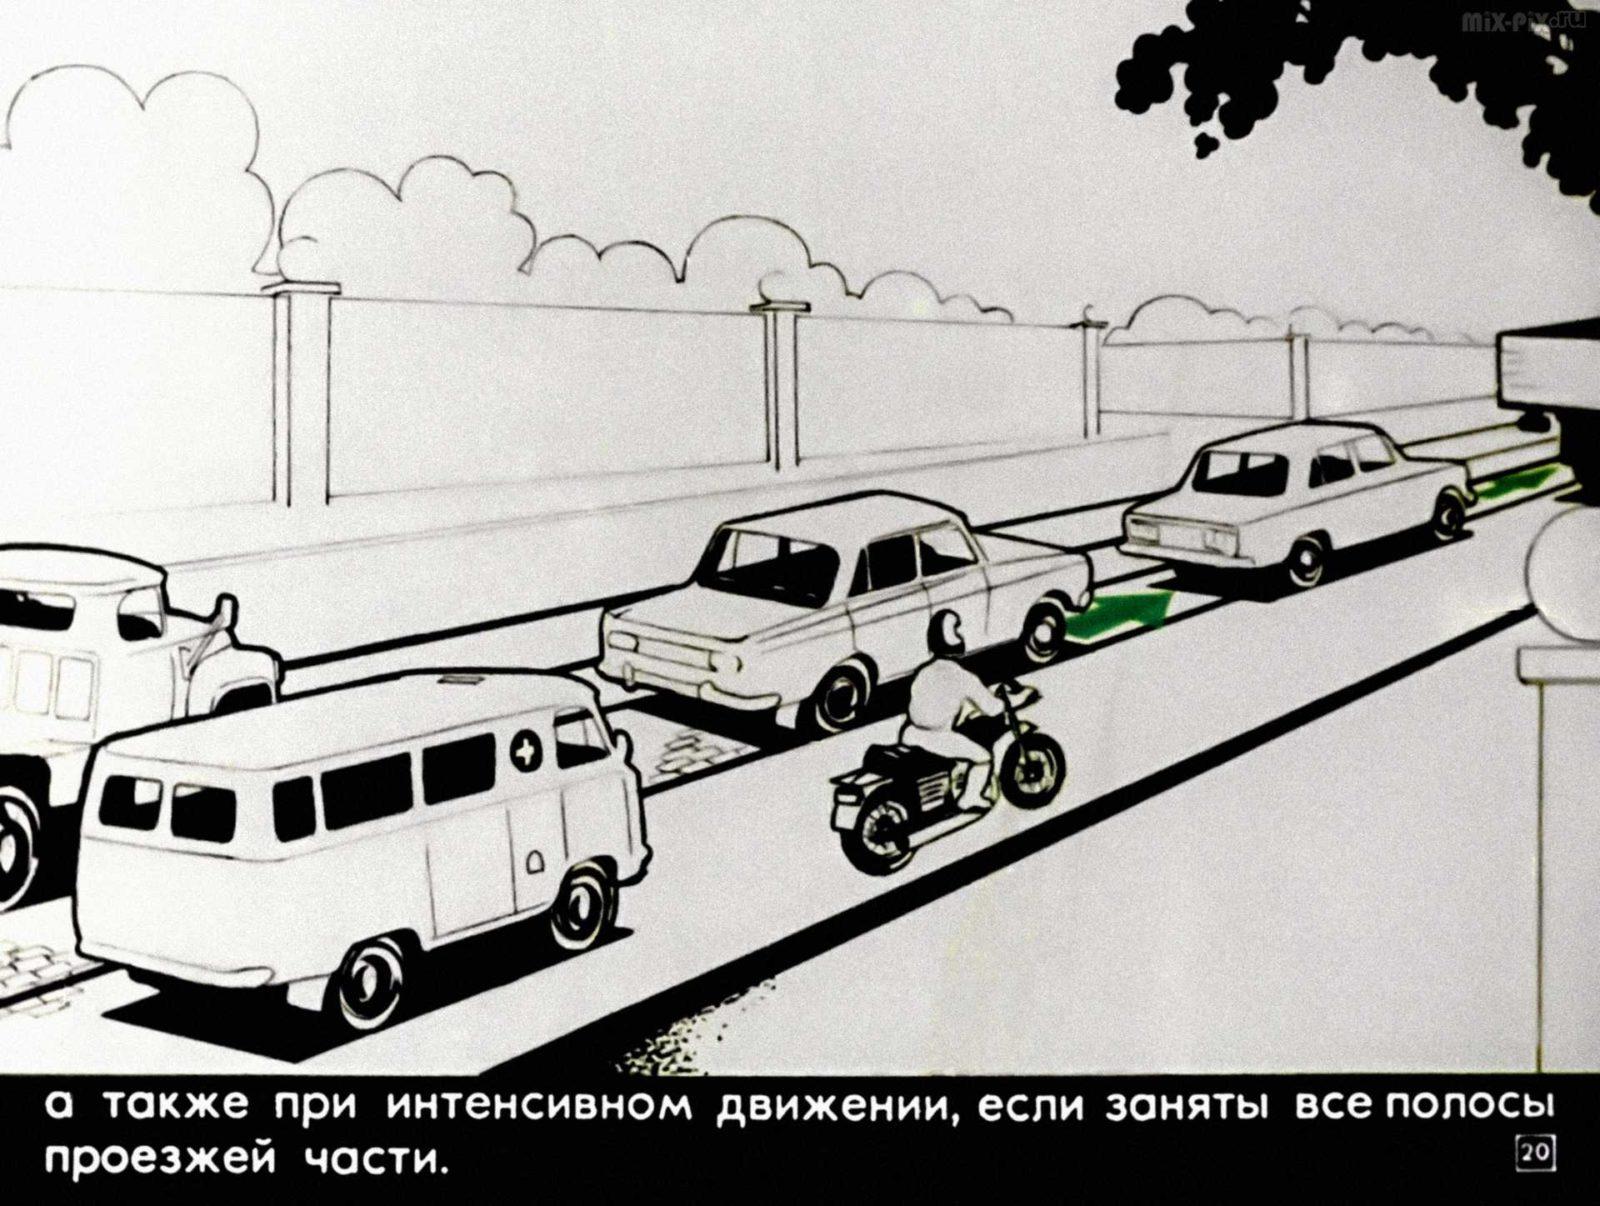 Правила дорожного движения. Расположение транспортных средств на проезжей части. Начало движения. Маневрирование (1983) 40